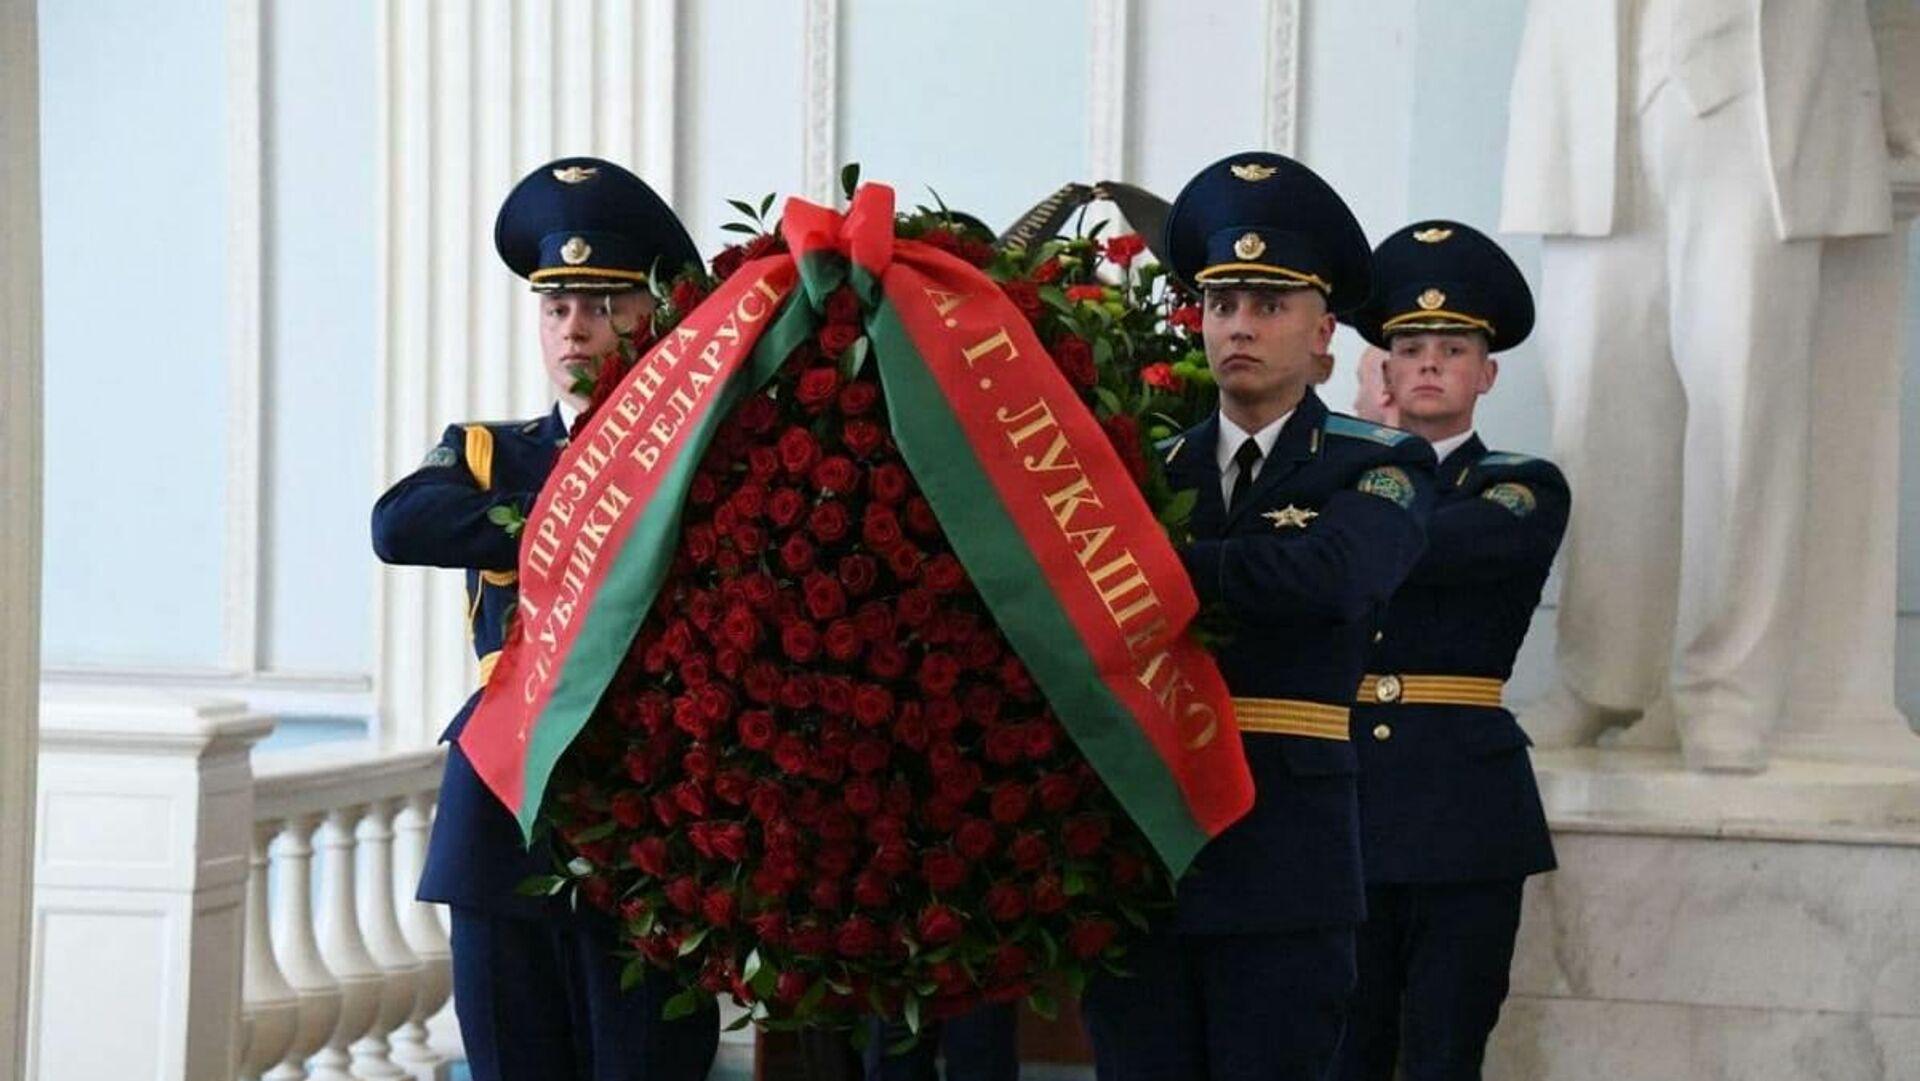 Венок от имени президента Александра Лукашенко погибшему офицеру КГБ - Sputnik Беларусь, 1920, 01.10.2021